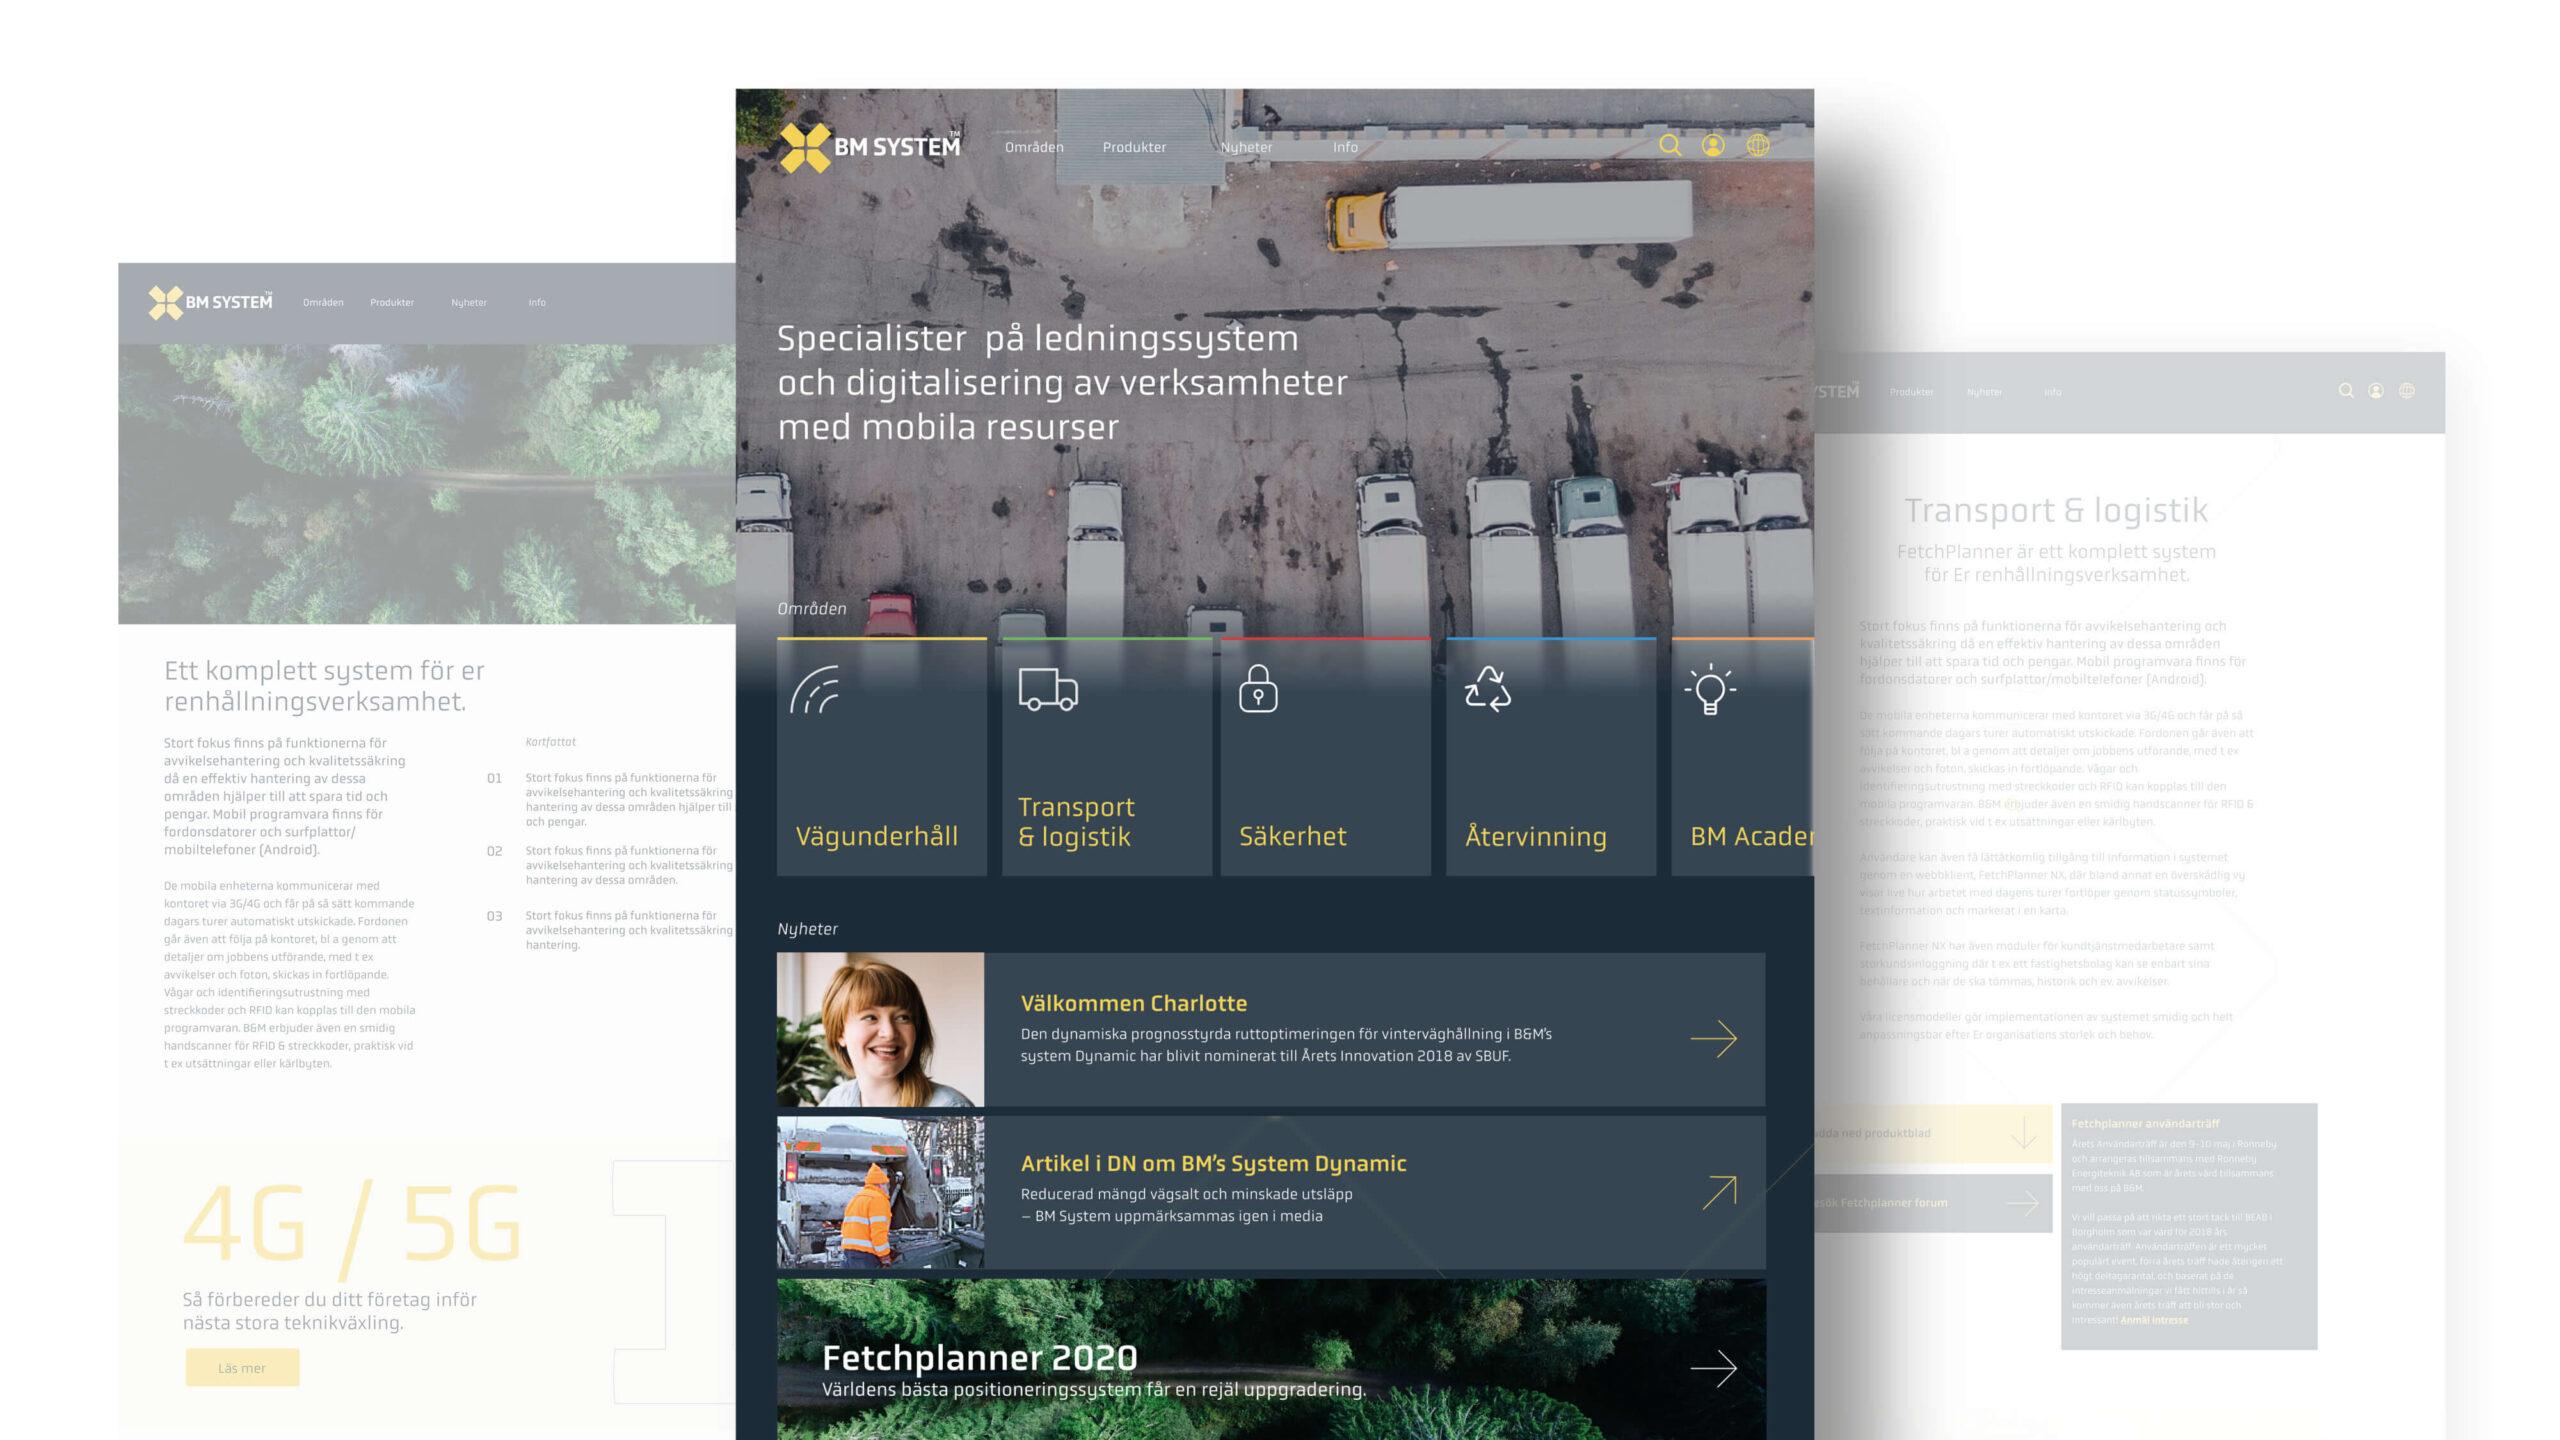 BM System skiss på webbplats